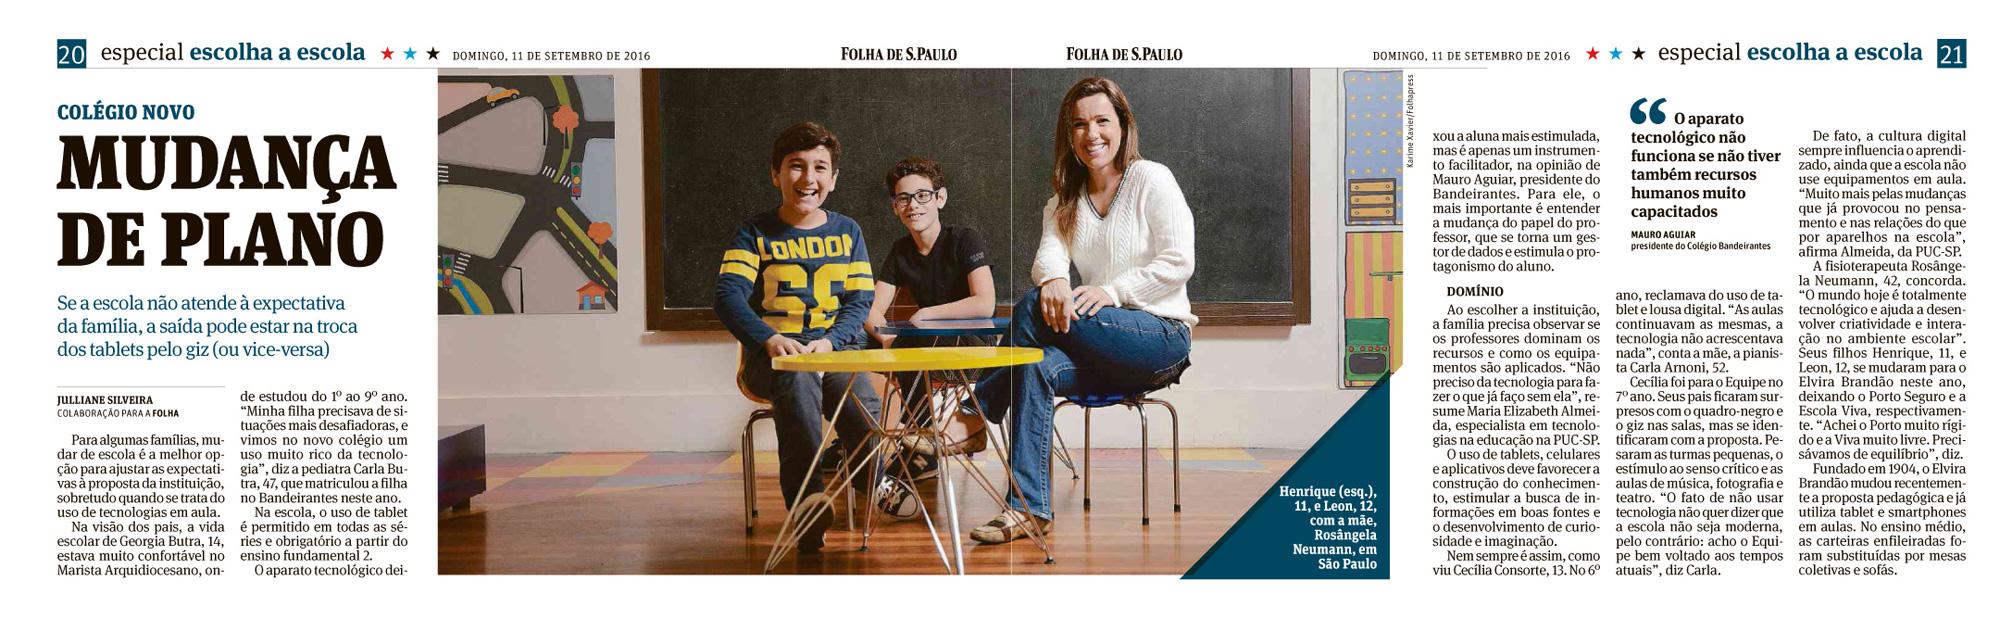 folha110916p20